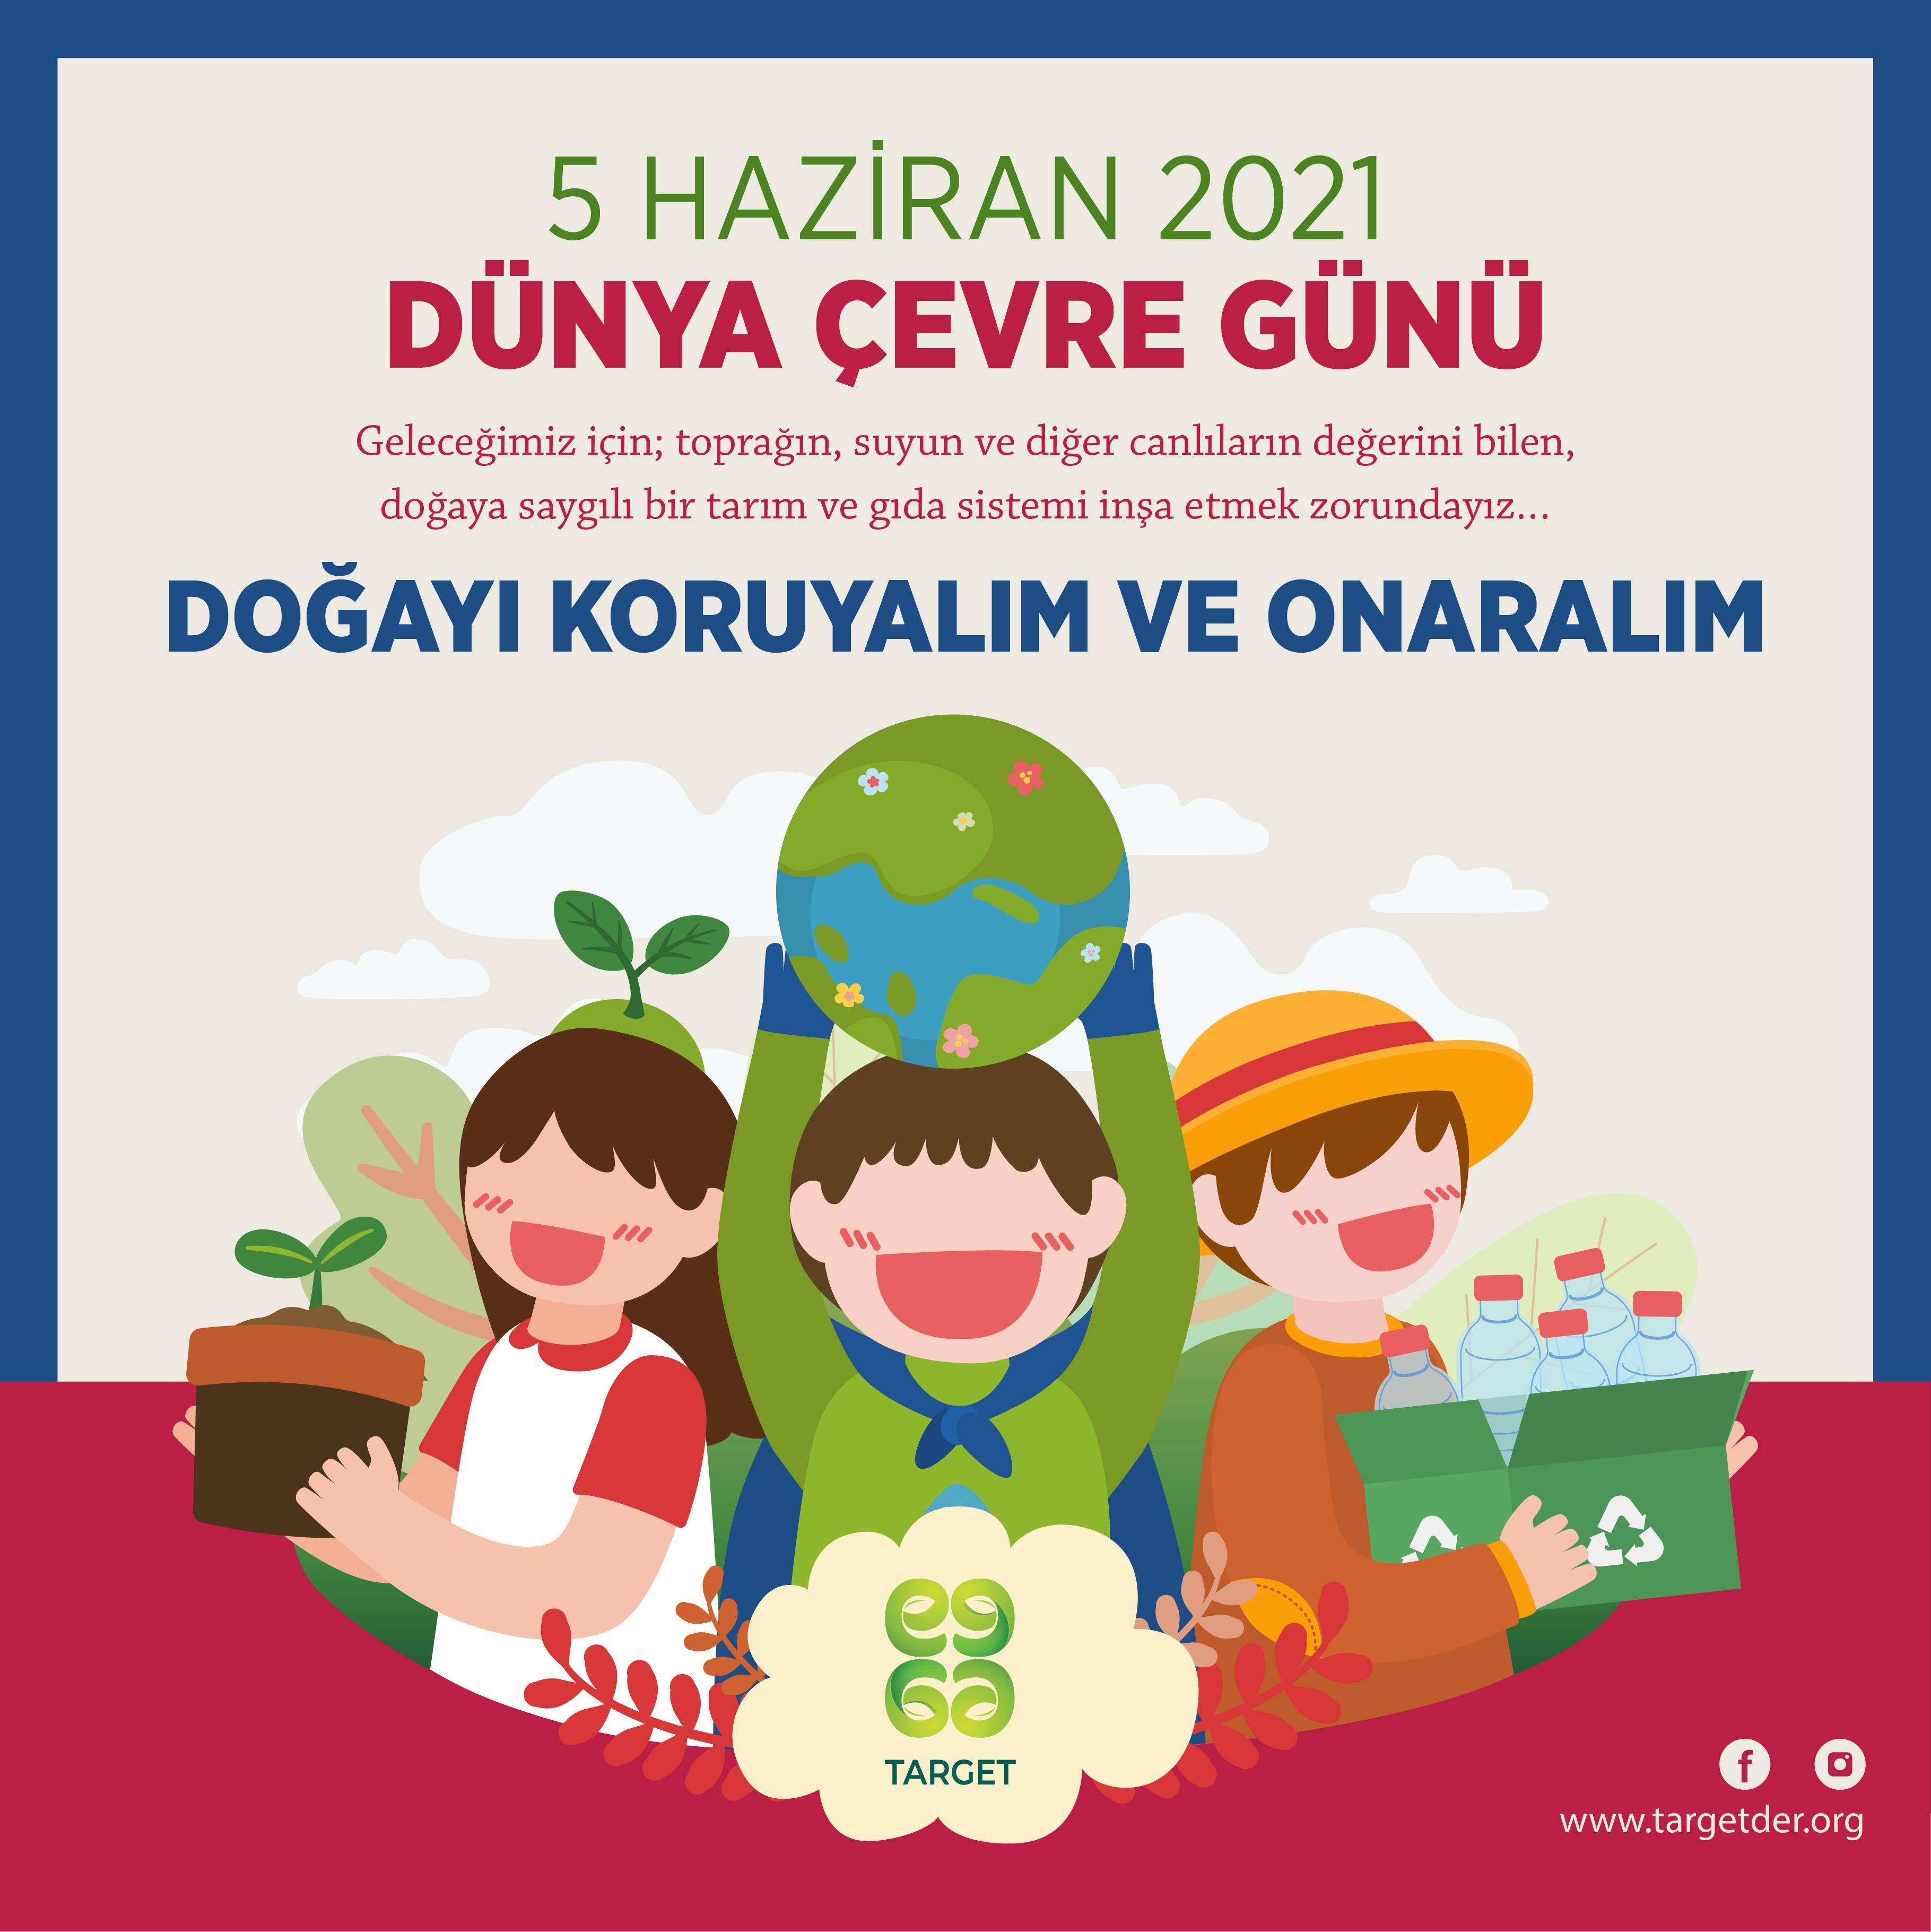 Doğayı koruyalım ve onaralım!